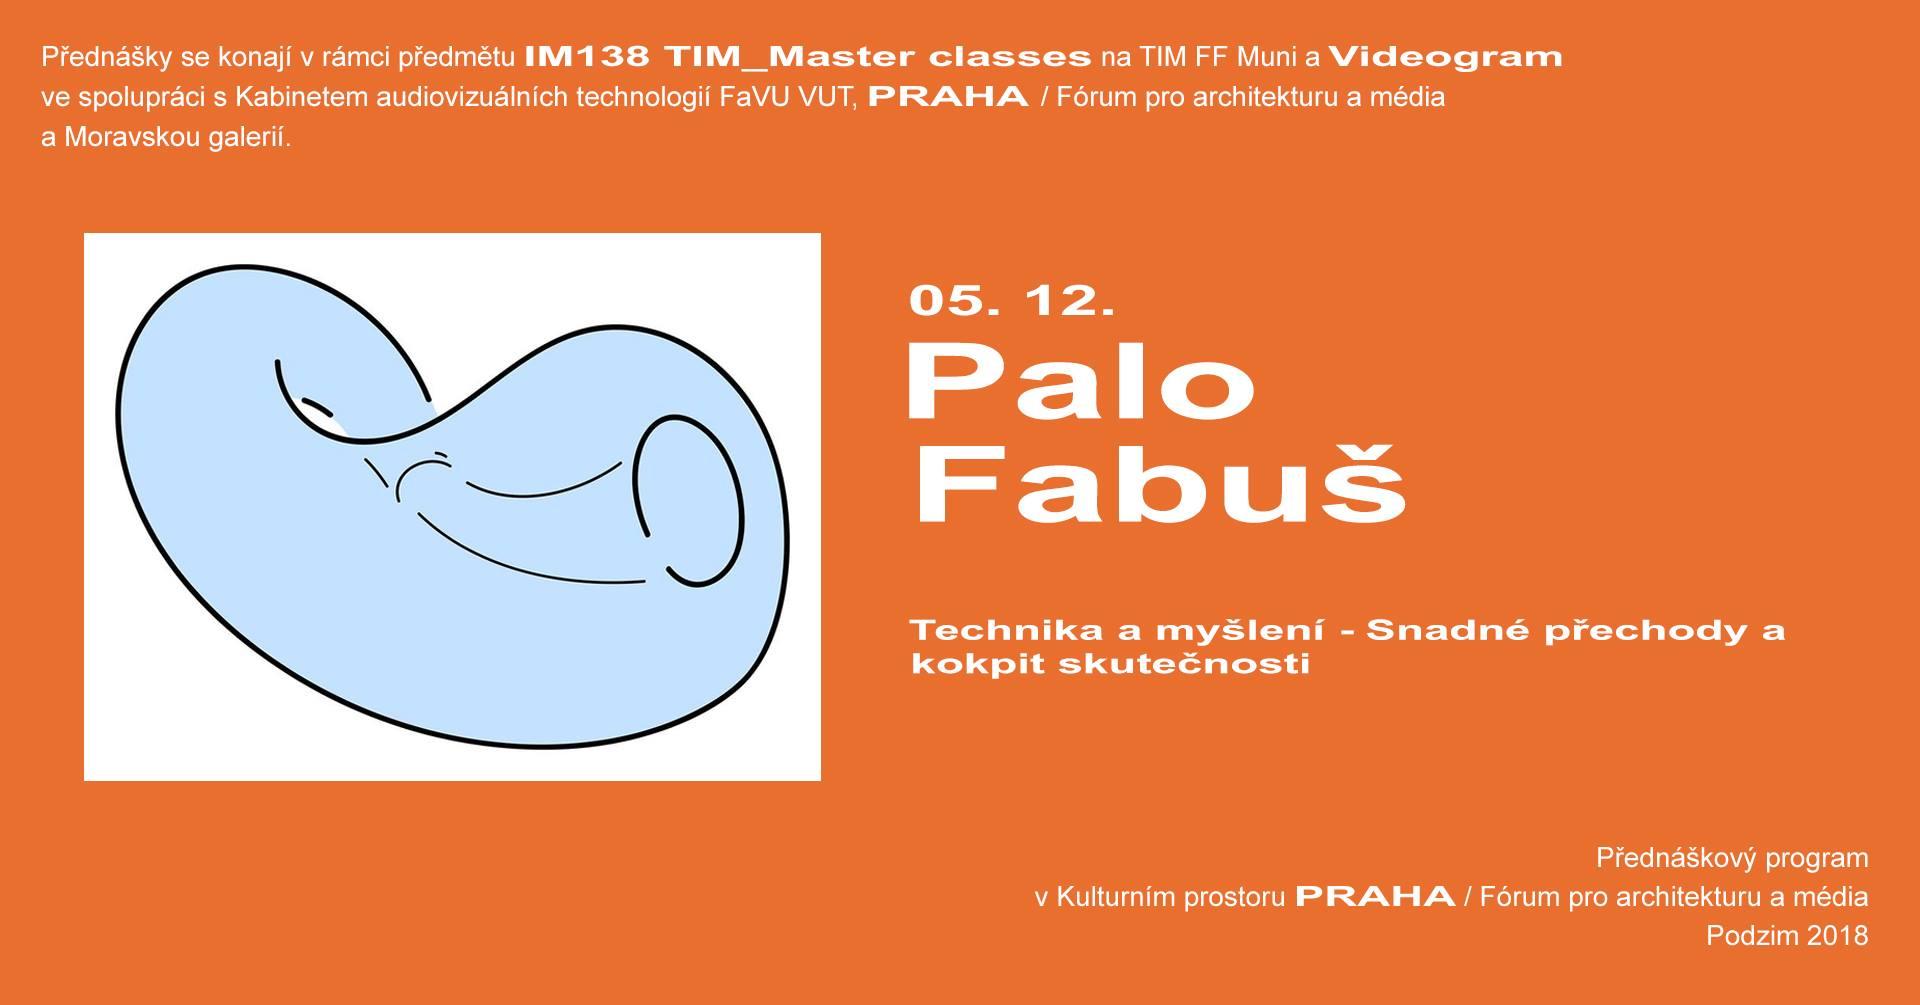 ST / 5.12. / 19.00 / VIDEOGRAM 82 / TIM Master class: Palo Fabuš – Technika a myšlení / přednáška, diskuse